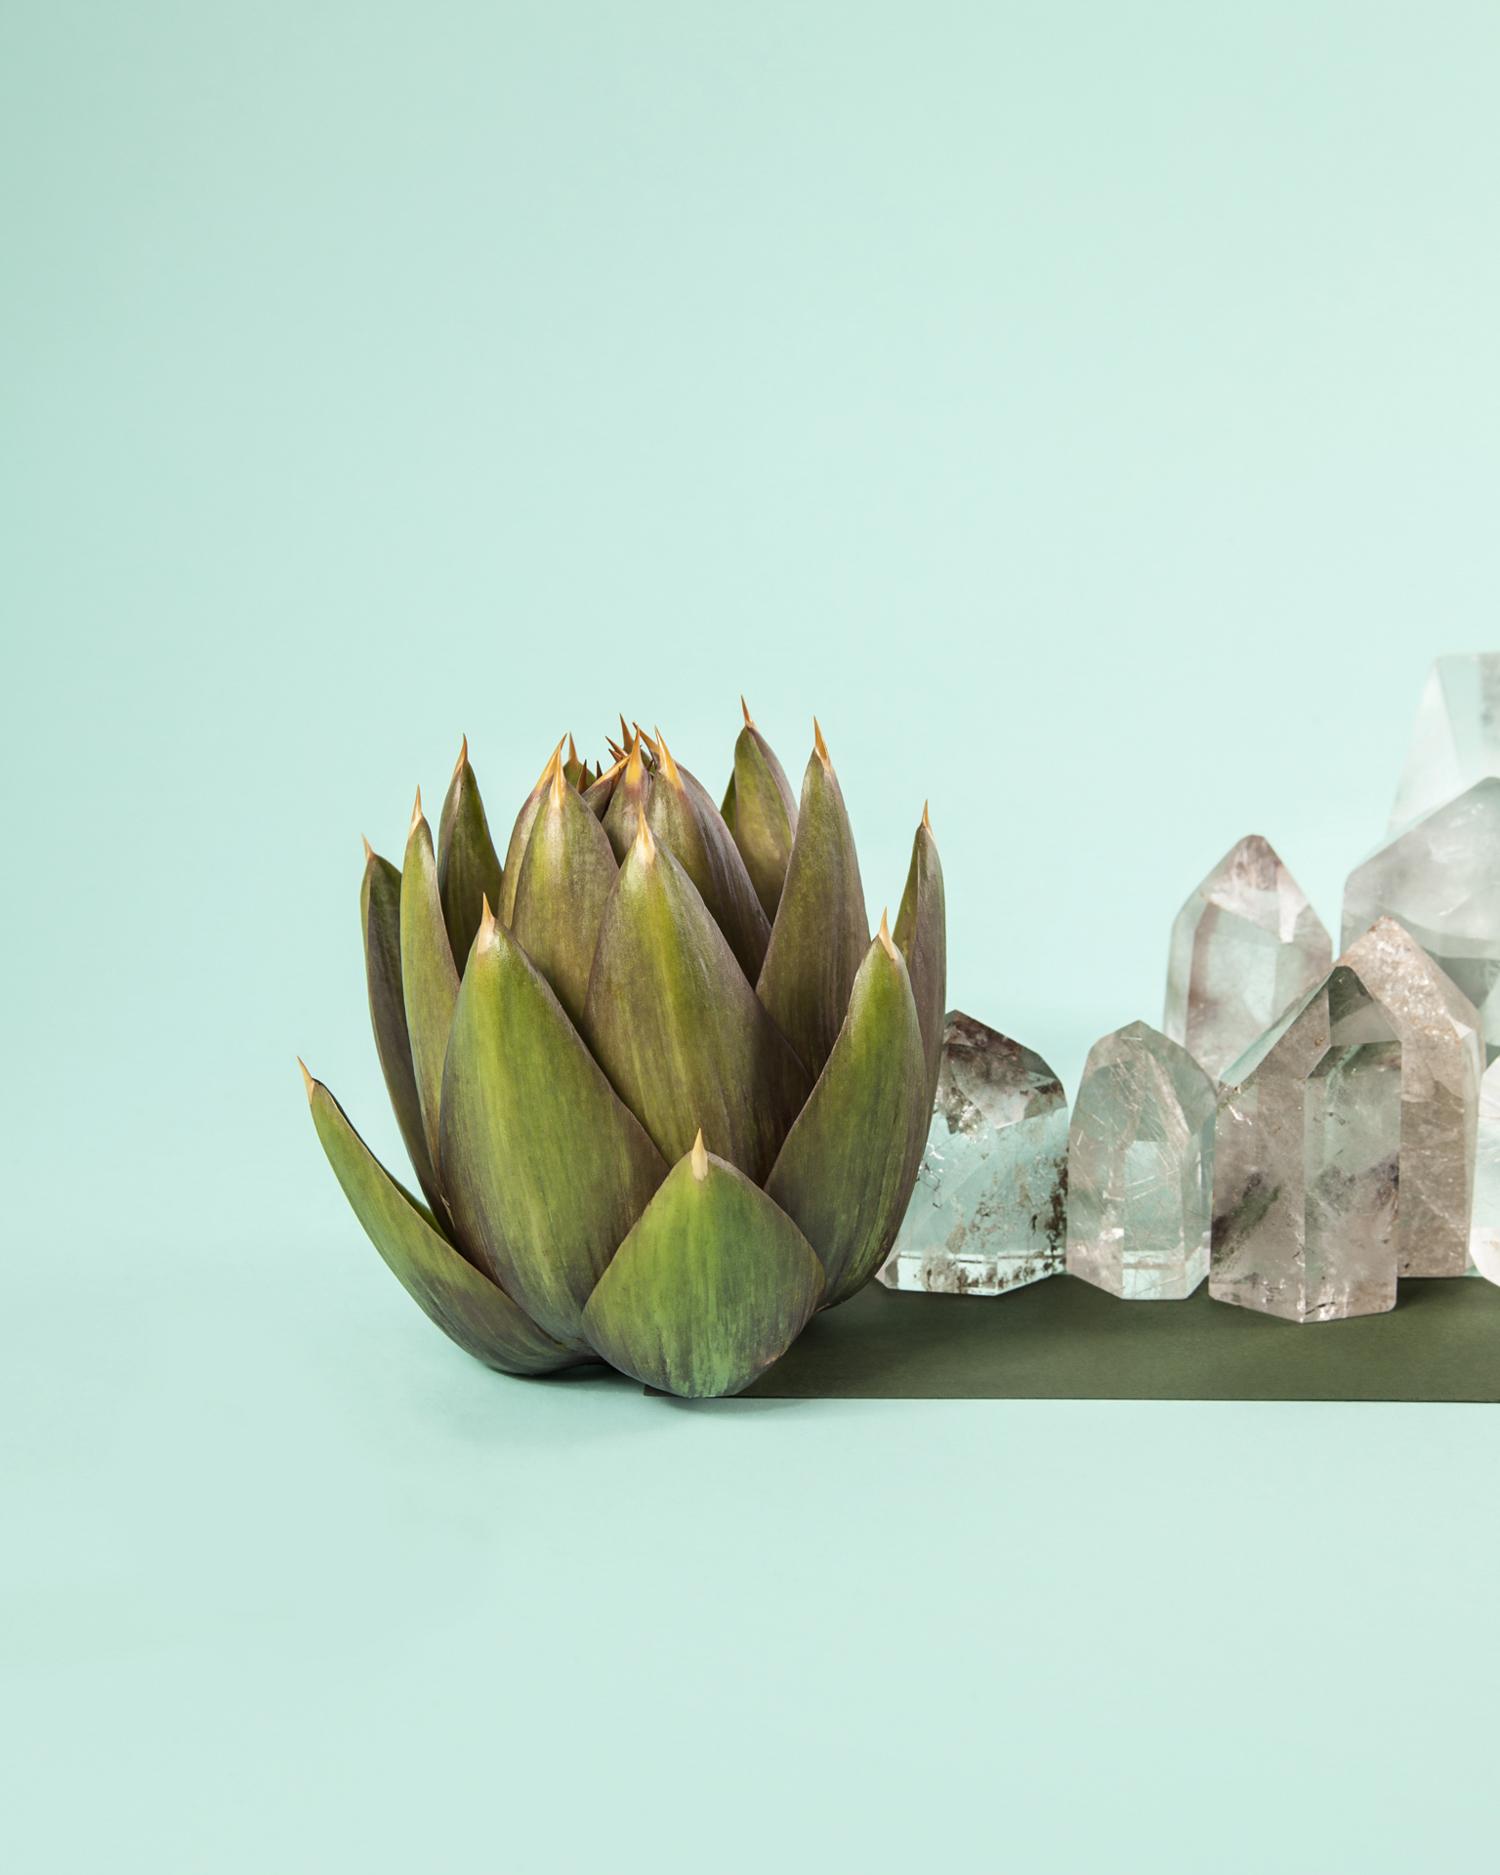 carcifo con cristalli